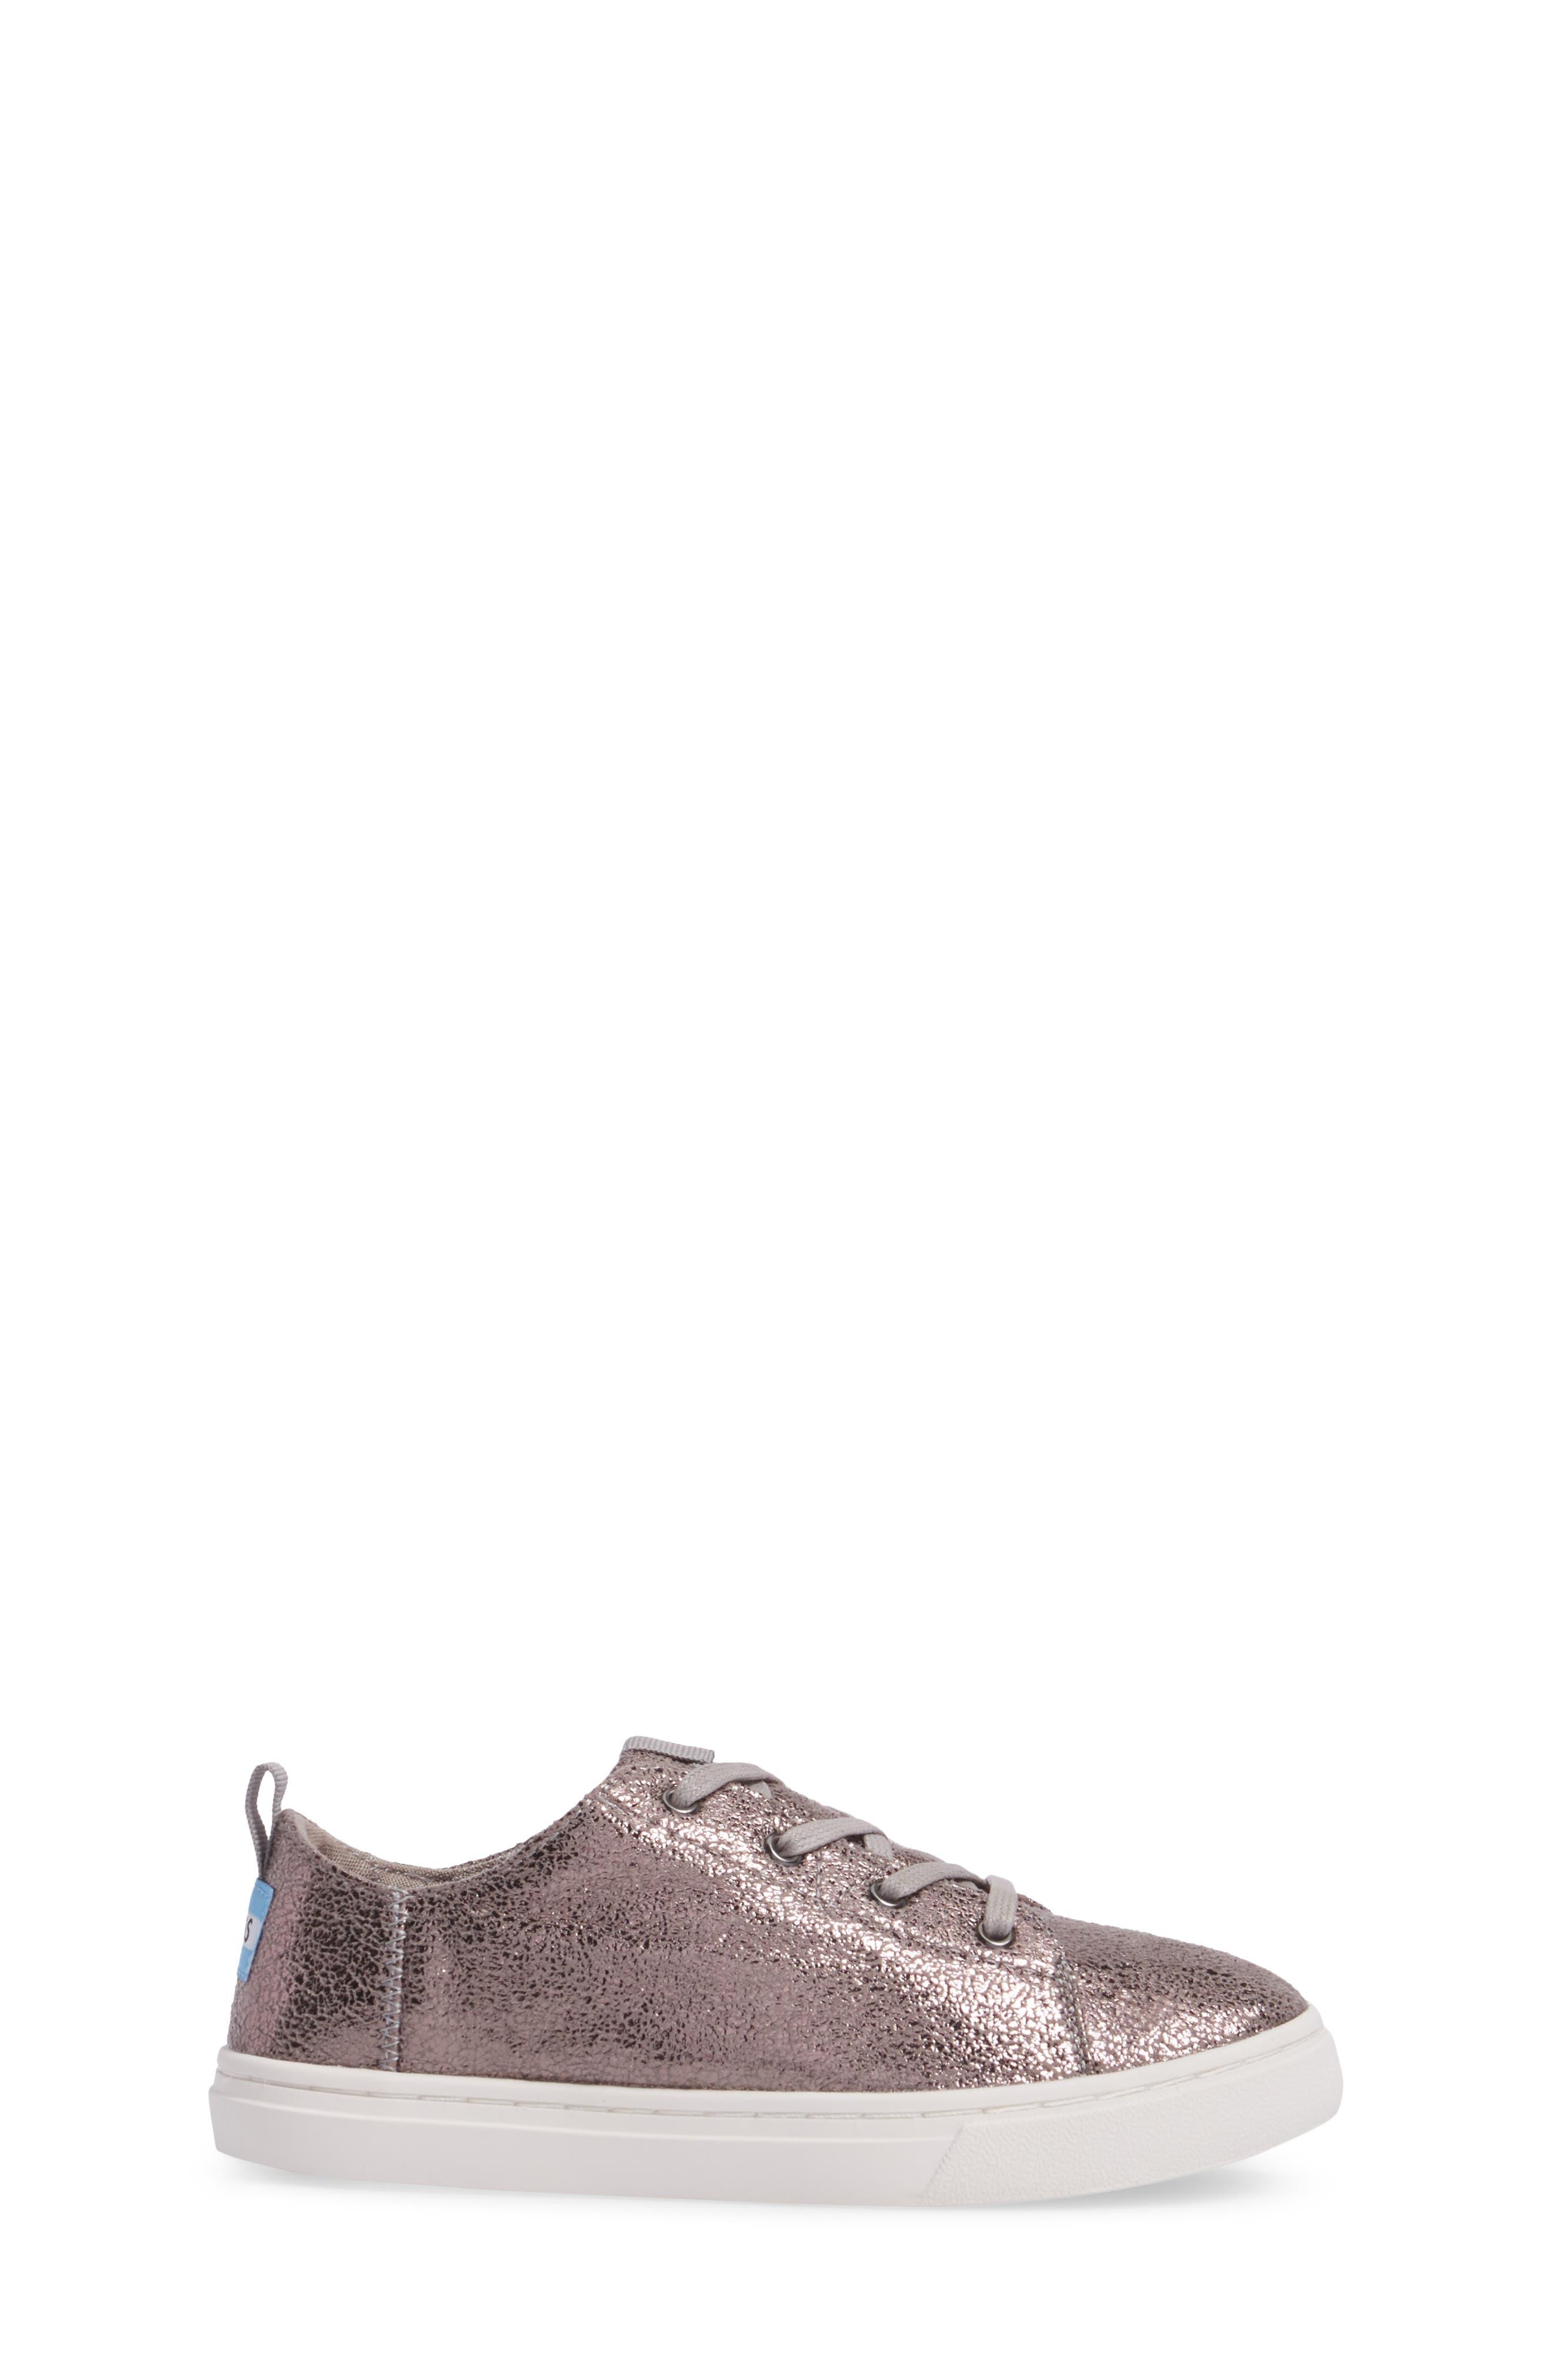 Lenny Sneaker,                             Alternate thumbnail 3, color,                             040